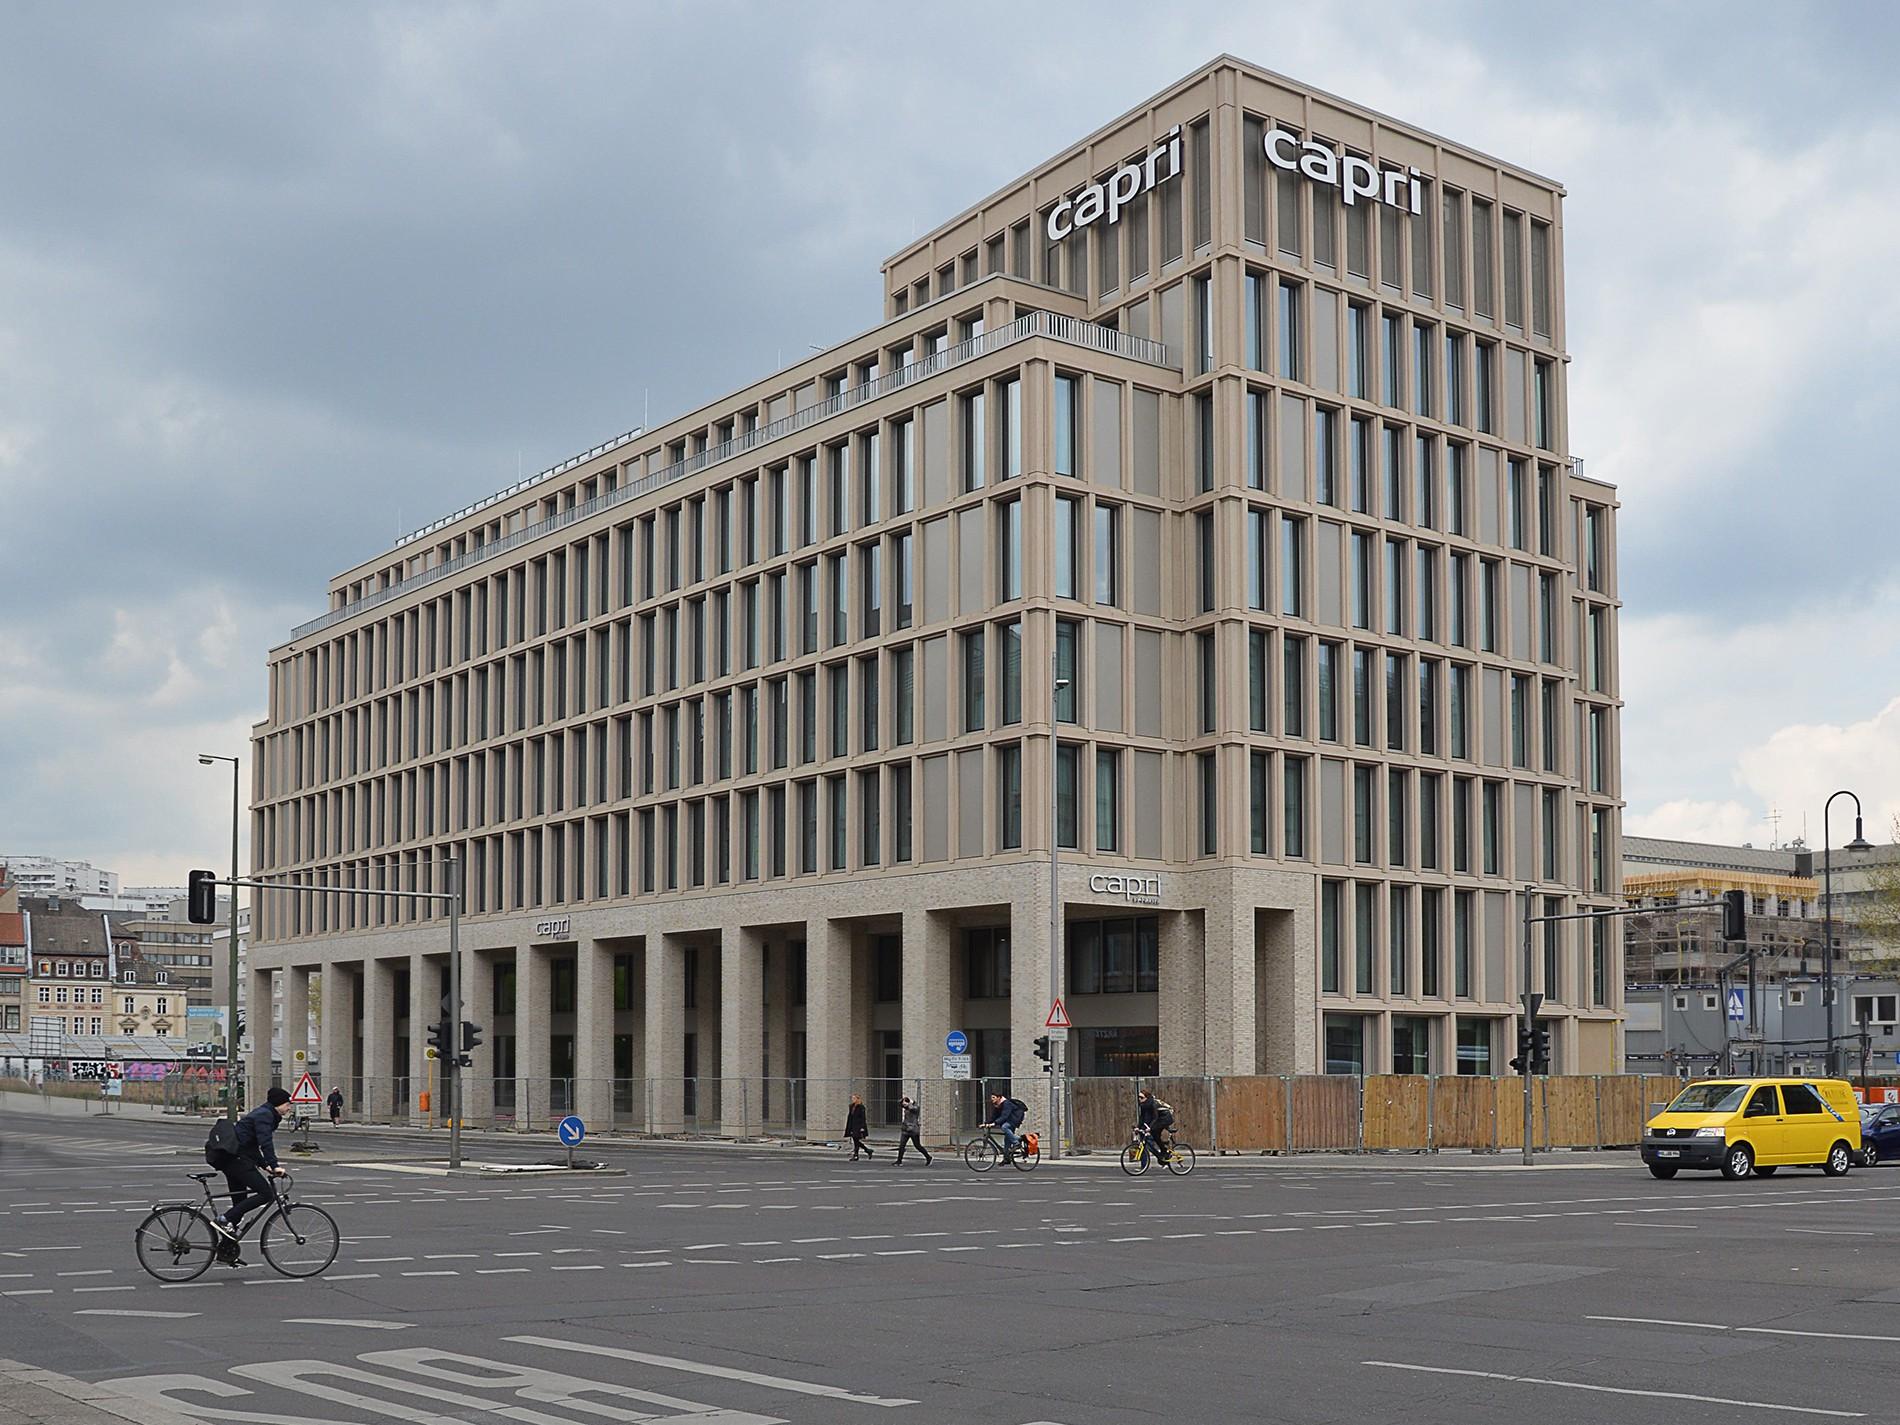 Architekturb ro o o baukunst news - Architekturburo berlin ...